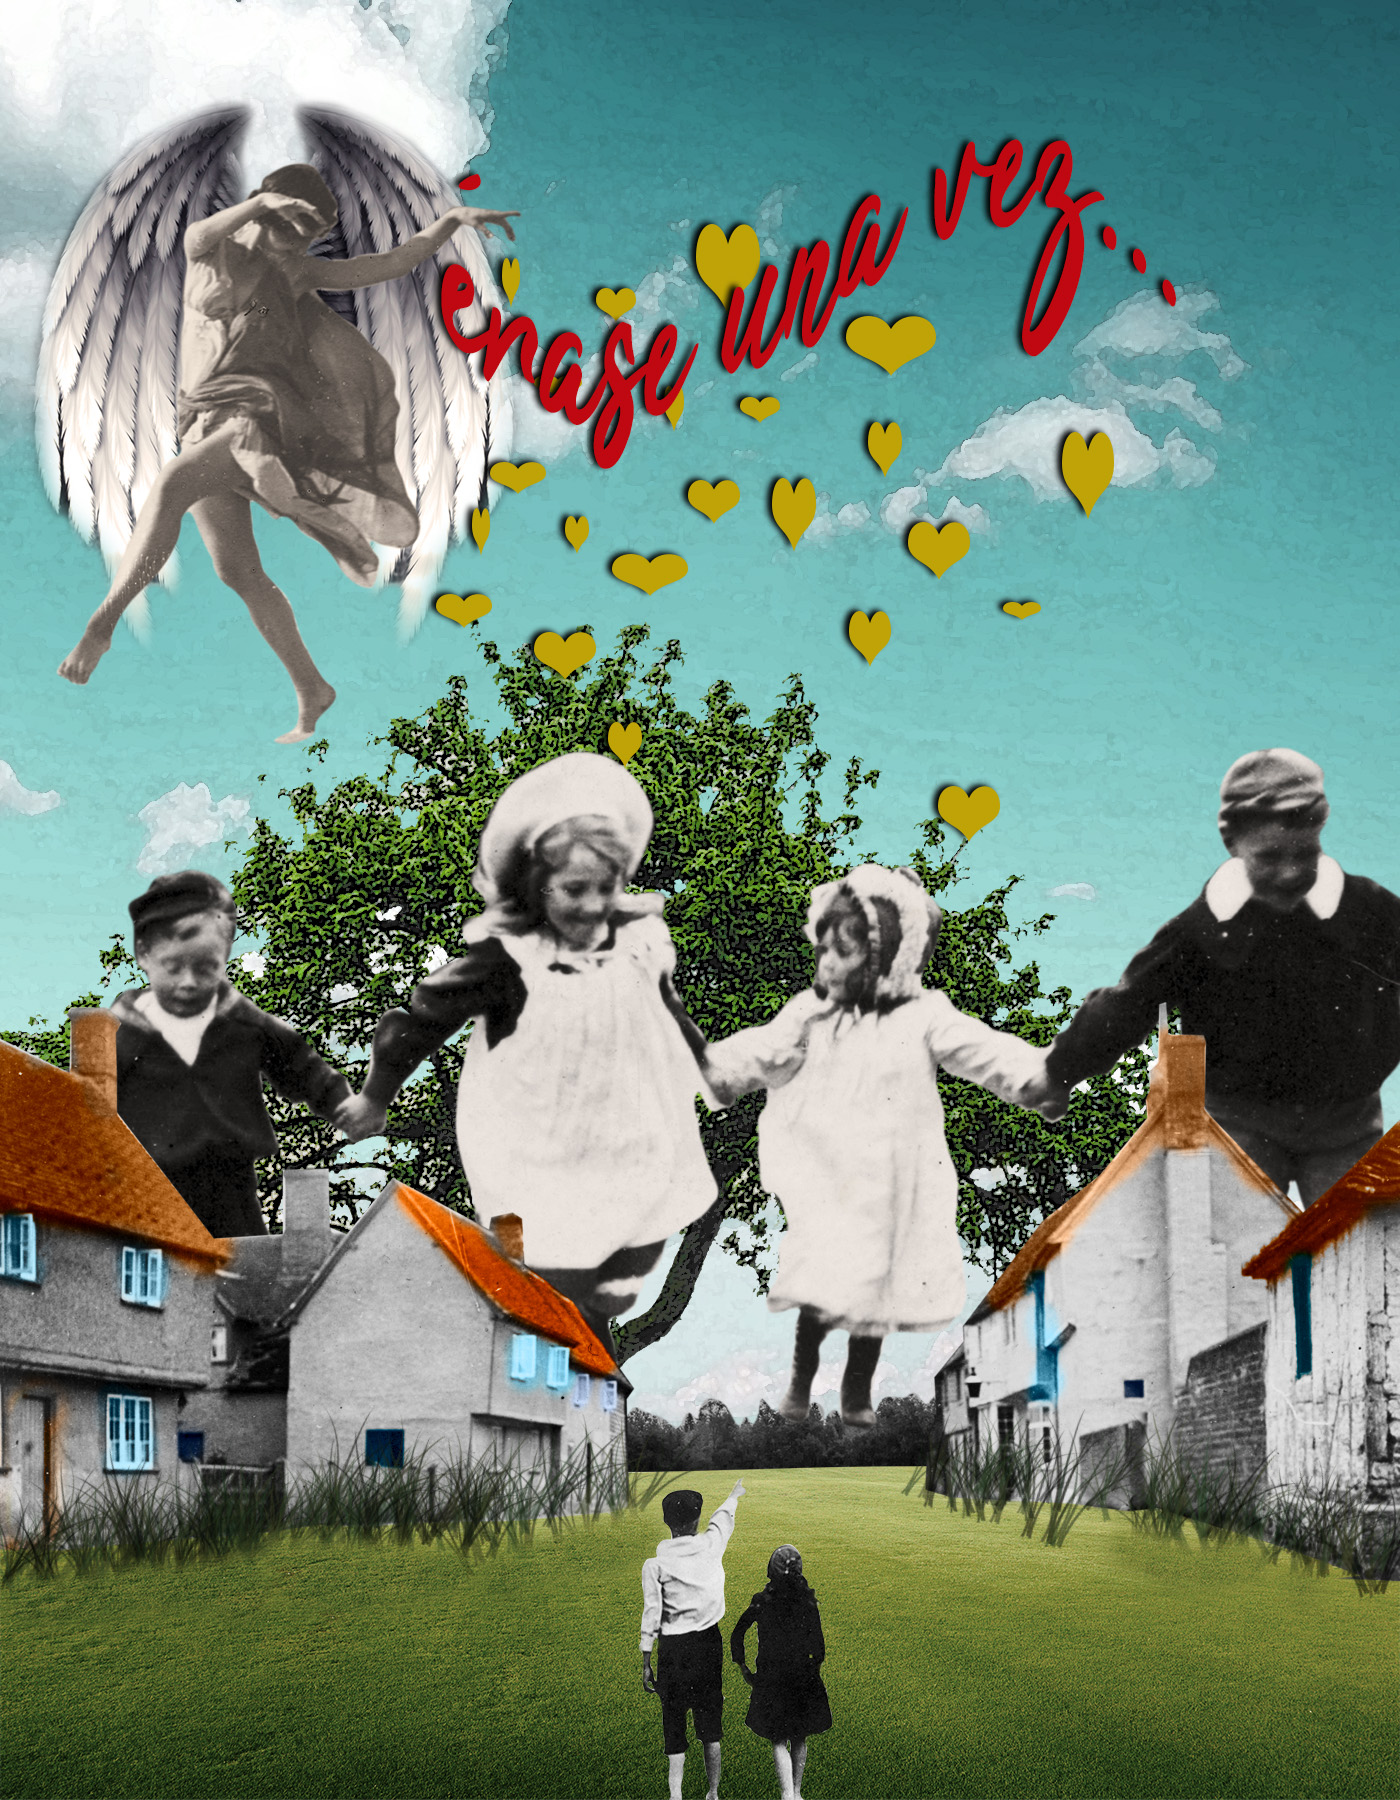 Mujer con alas repartiendo corazones y cuentos. Niños gigantes corriendo en blanco y negro sobre paisaje a color. Collage. Surrealismo. Loco Mundo Arte y Bohemia